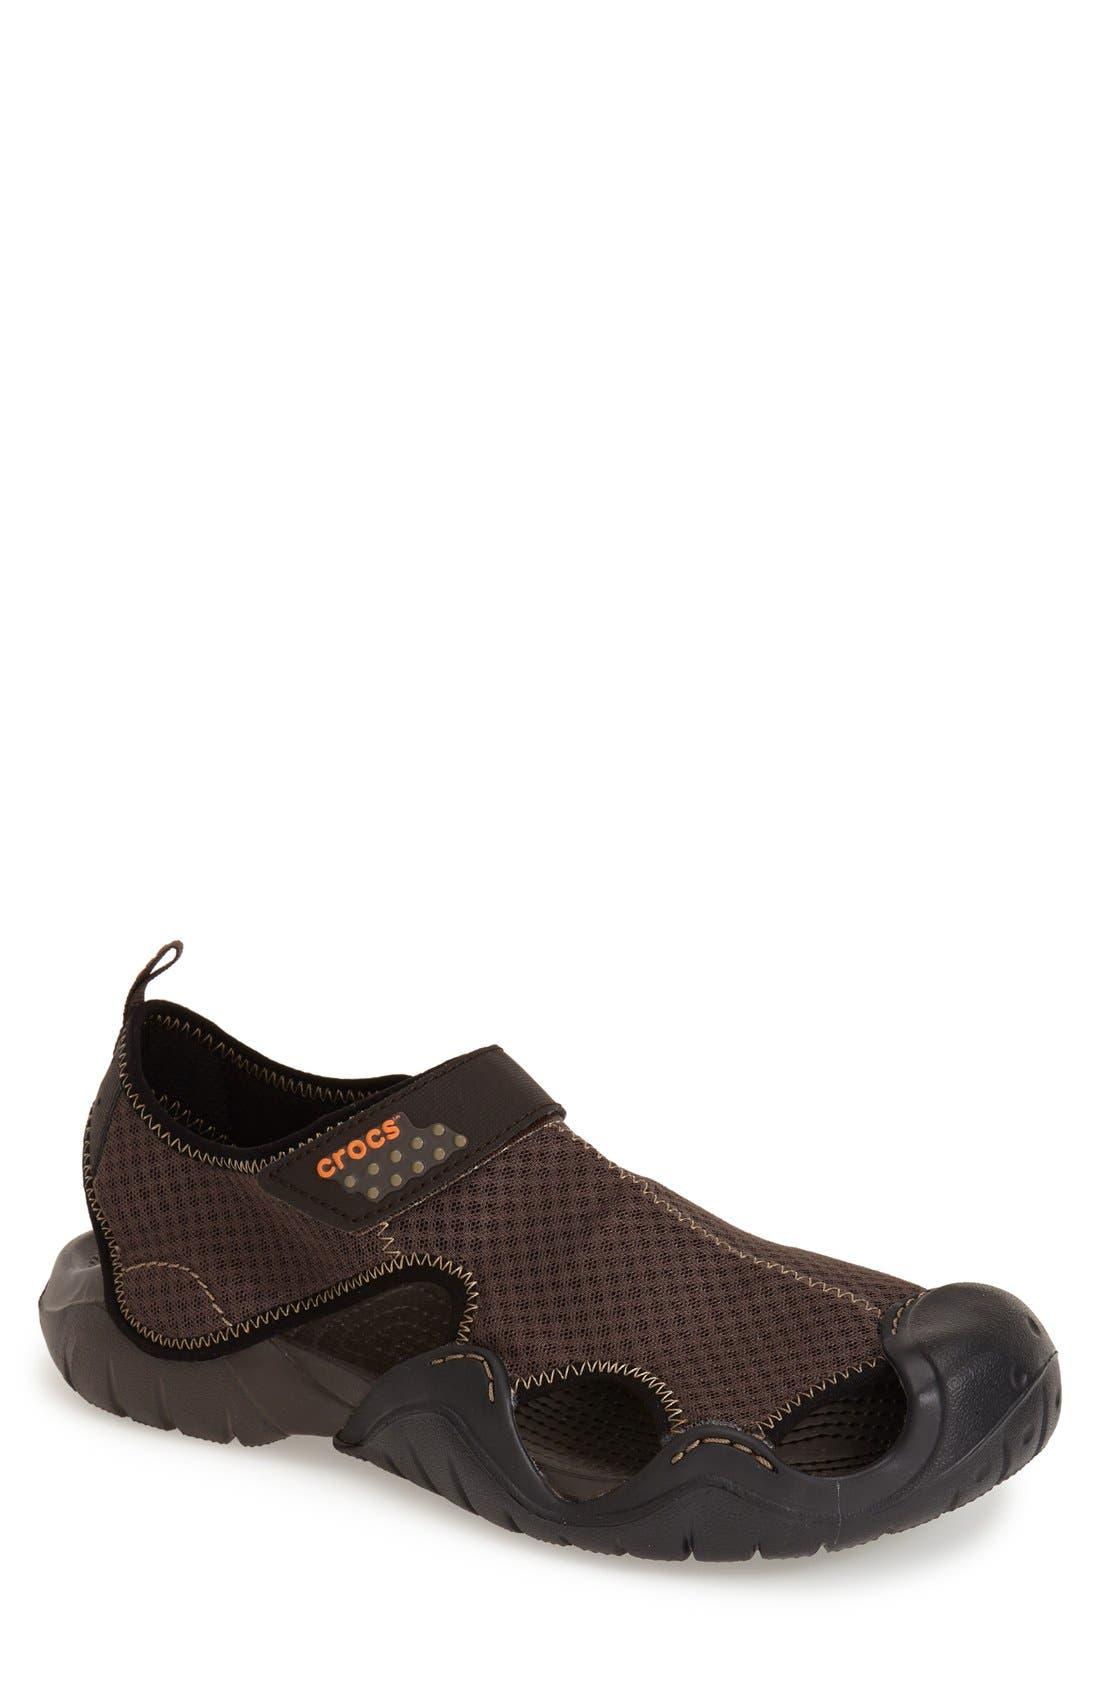 CROCS™ 'Swiftwater' Water Shoe Sport Sandal